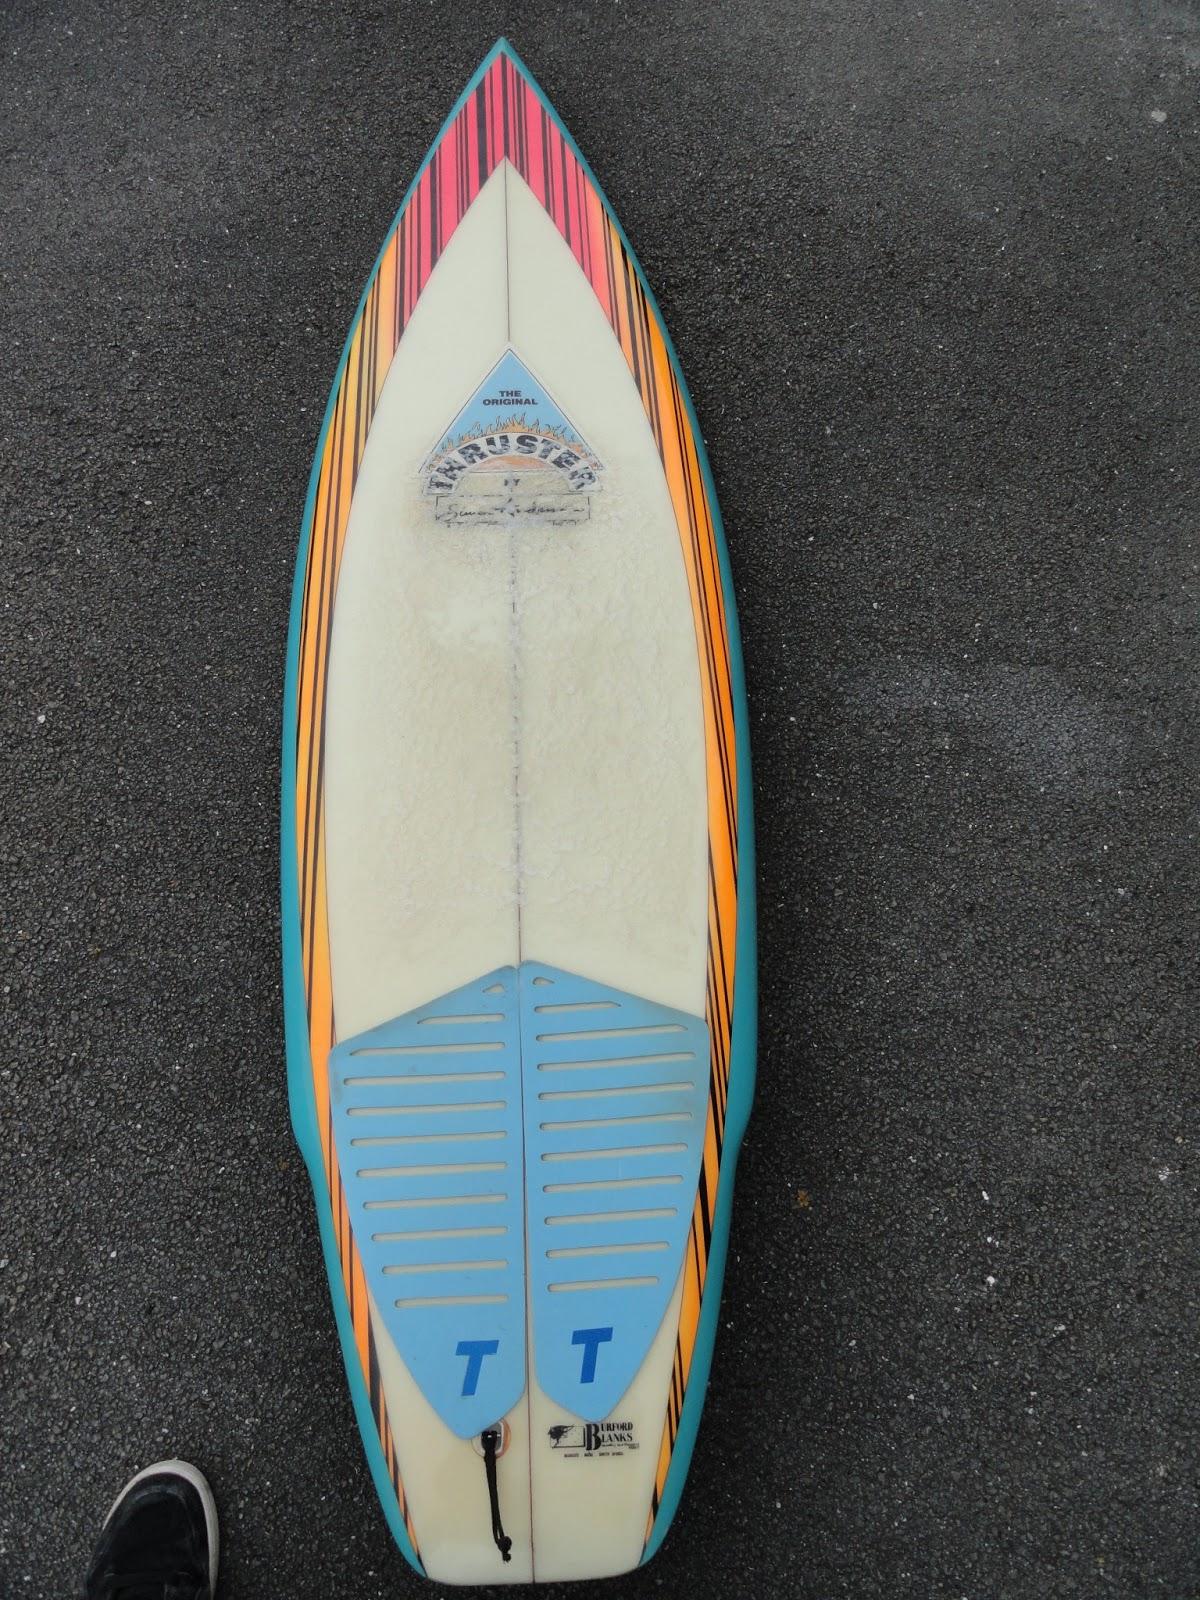 Vintage Surfboard For Sale 88